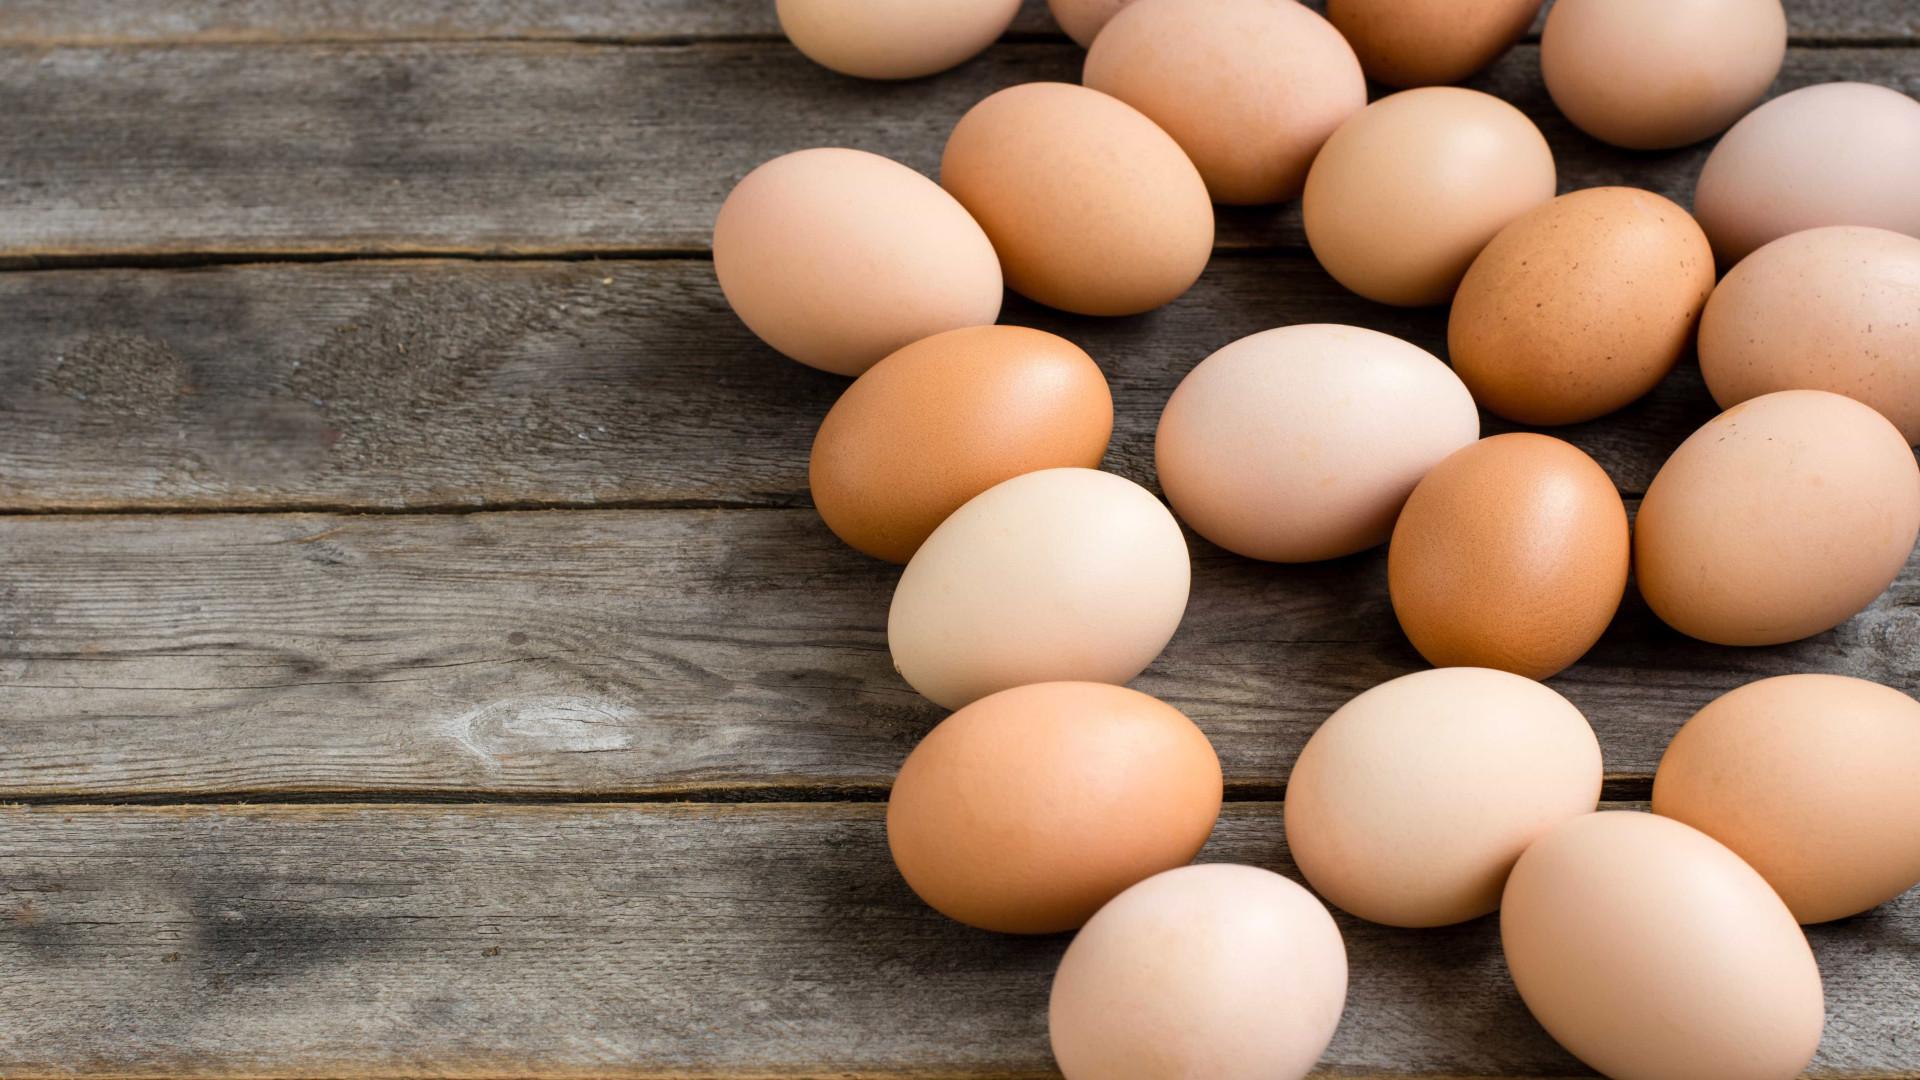 Espanha identifica ovoprodutos contaminados com fipronil